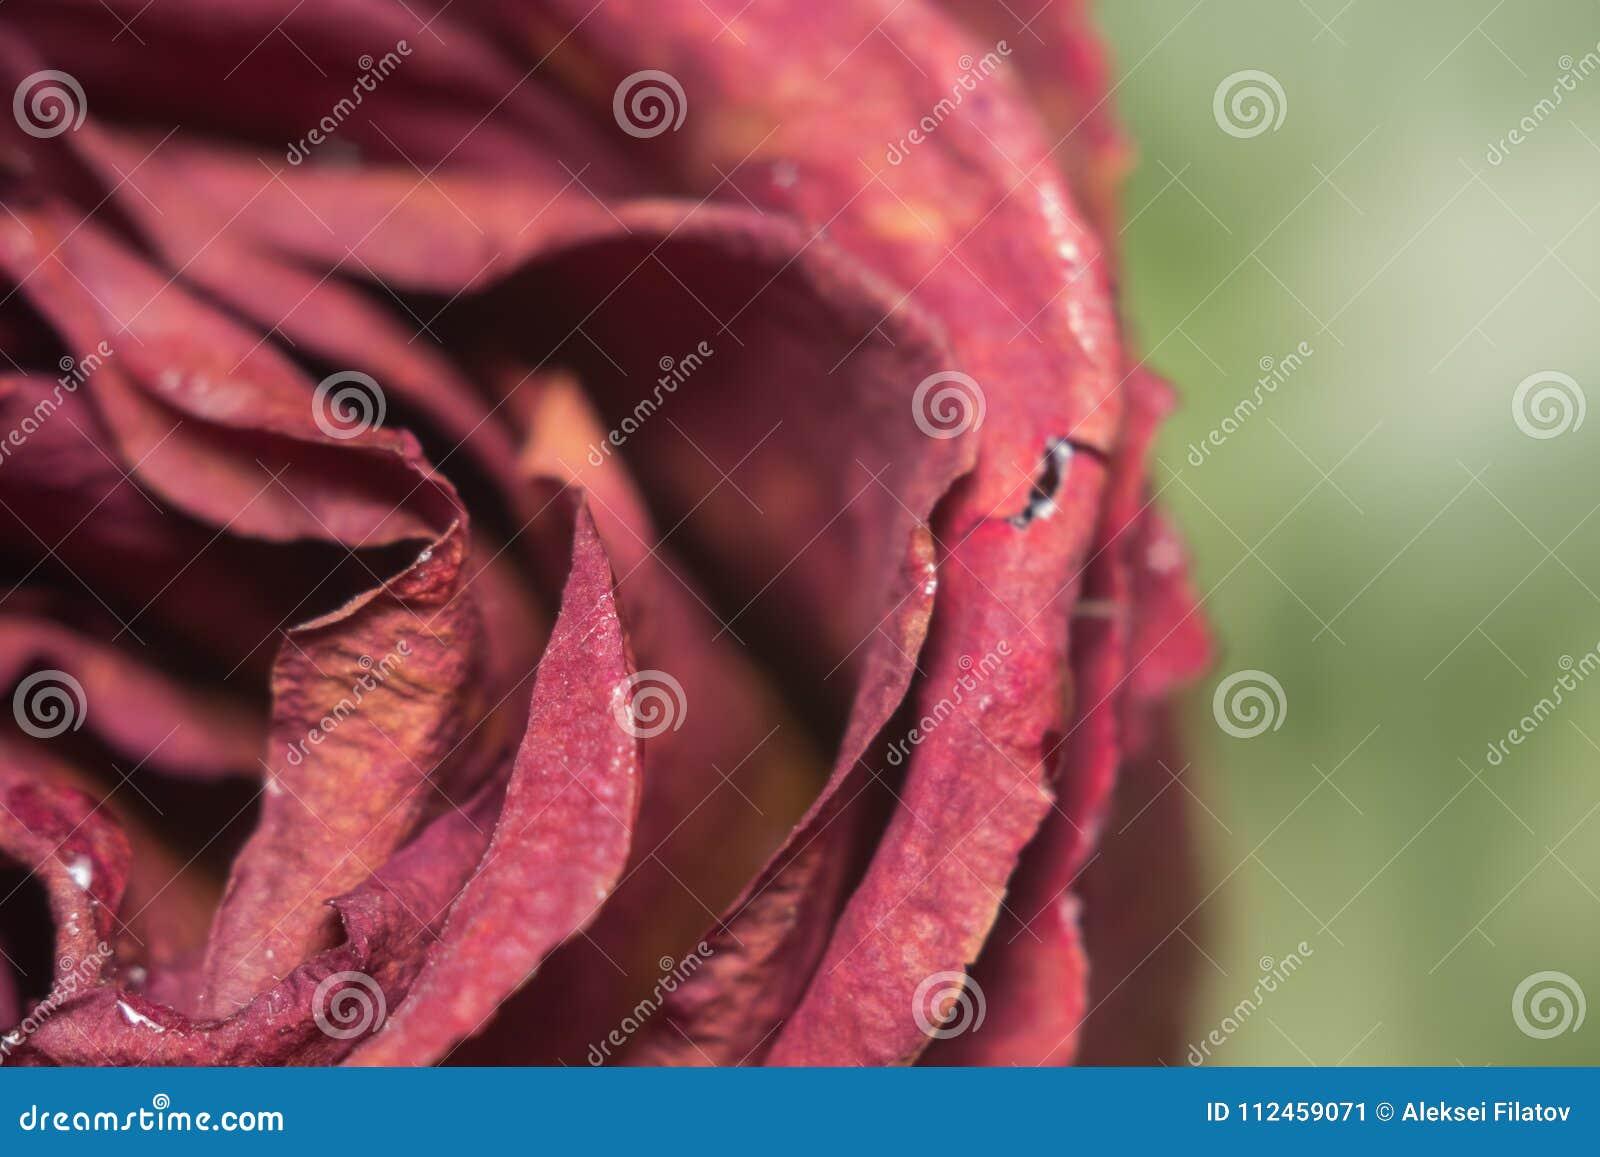 Dead flowers macro